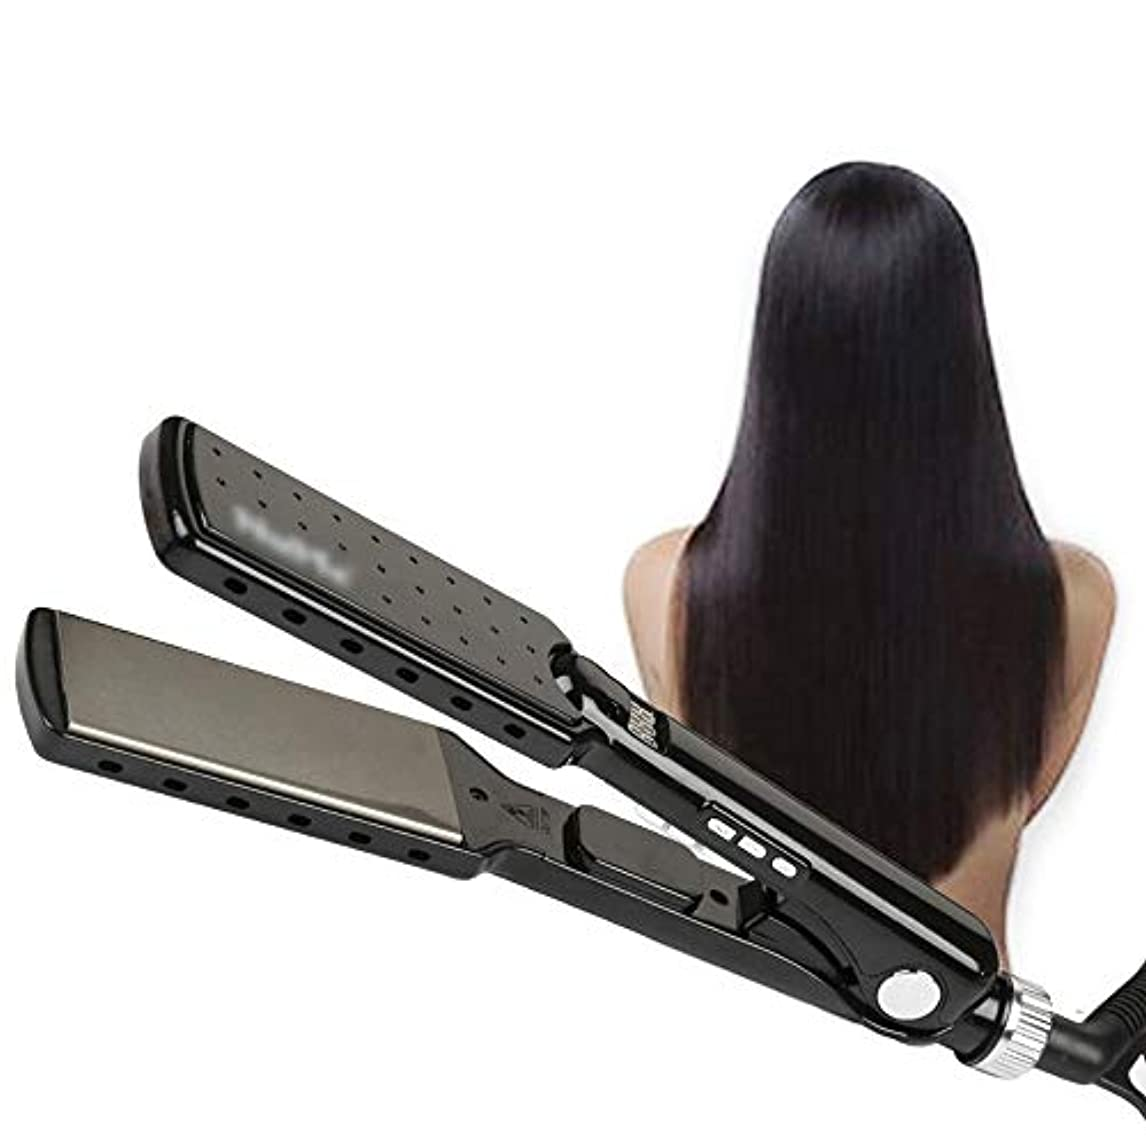 電気放射する九時四十五分VDGHA デジタルLCDディスプレイカーリングアイアンワンド設定温度チタン毛のストレートデュアル電圧ストレートアイロン調整可能 (色 : 黒)